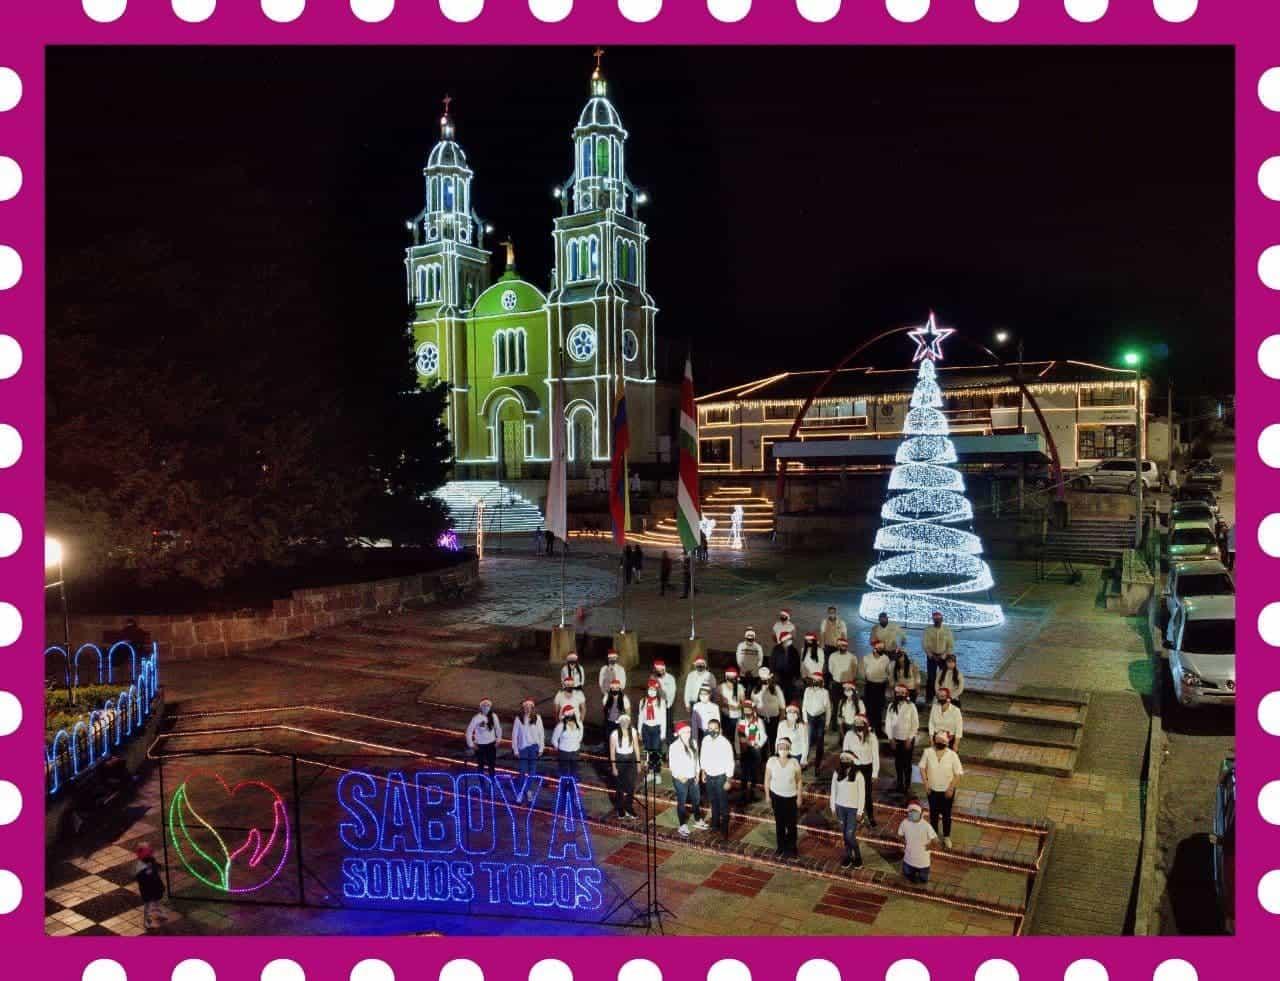 Anoche, en 25 municipios, la mayoría que no son atractivos tradicionales en diciembre, encendieron sus alumbrados.